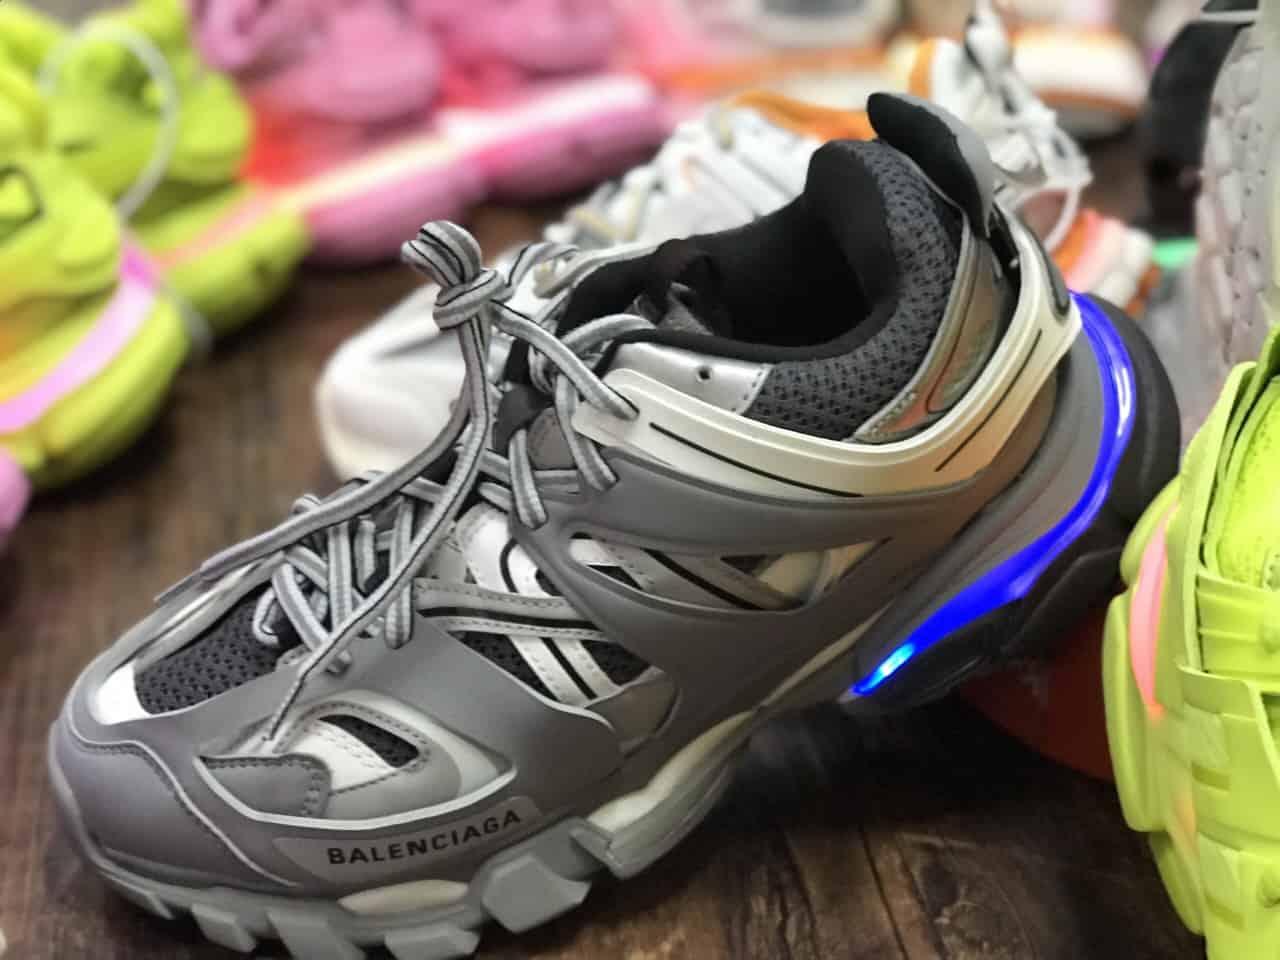 Giày thể thao phá cách Balenciaga Track Led Xám rep 1:1 mang lại điểm nhấn nổi bật, khác biệt